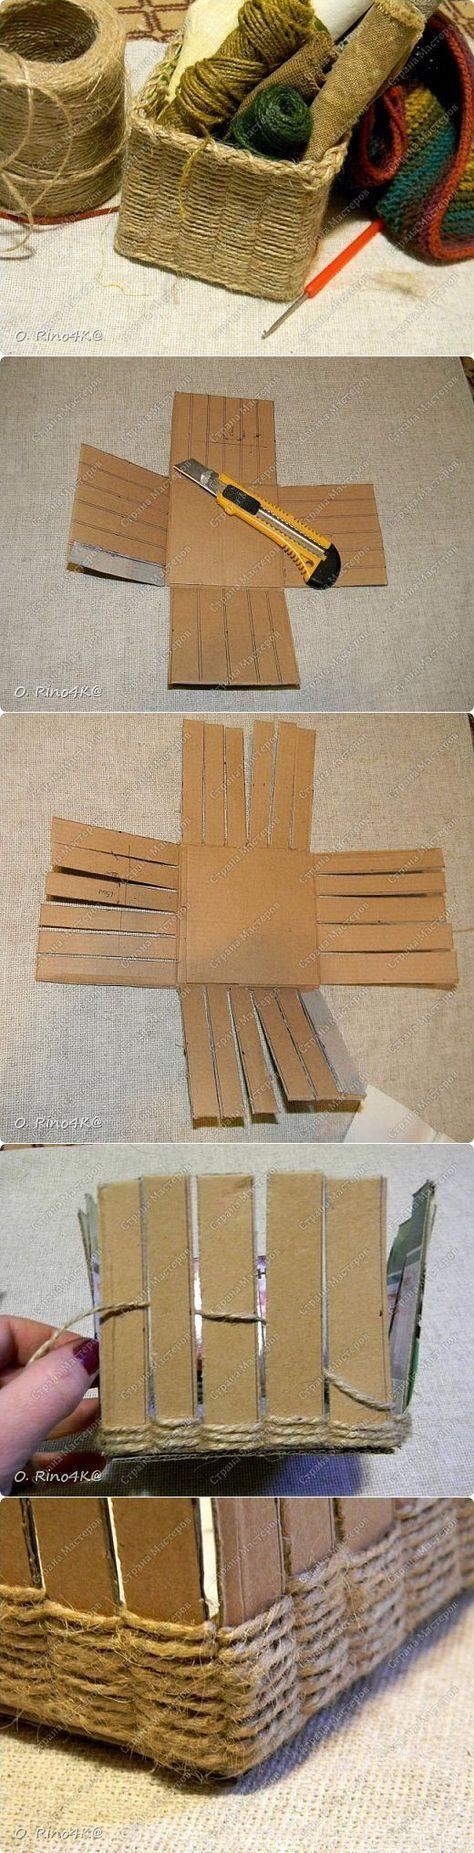 Come fare ceste porta tutto con cartoni riciclati e spago ...